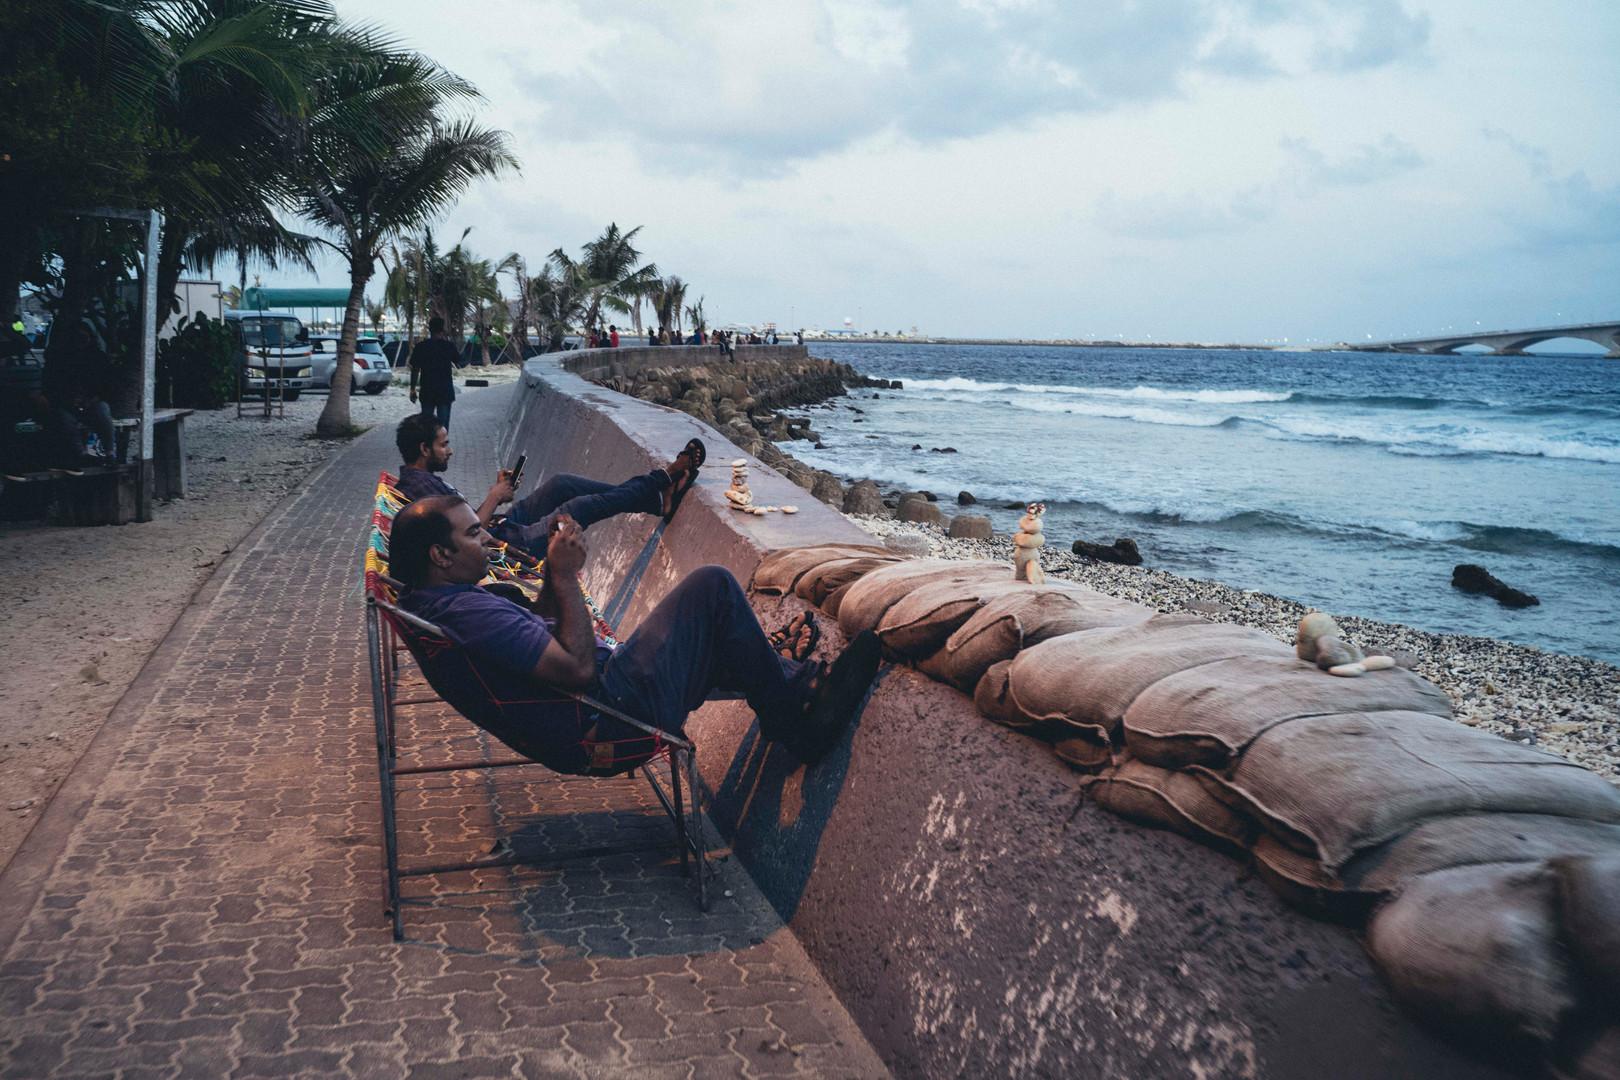 MALDIVES_EDIT_LEBAN002.jpg